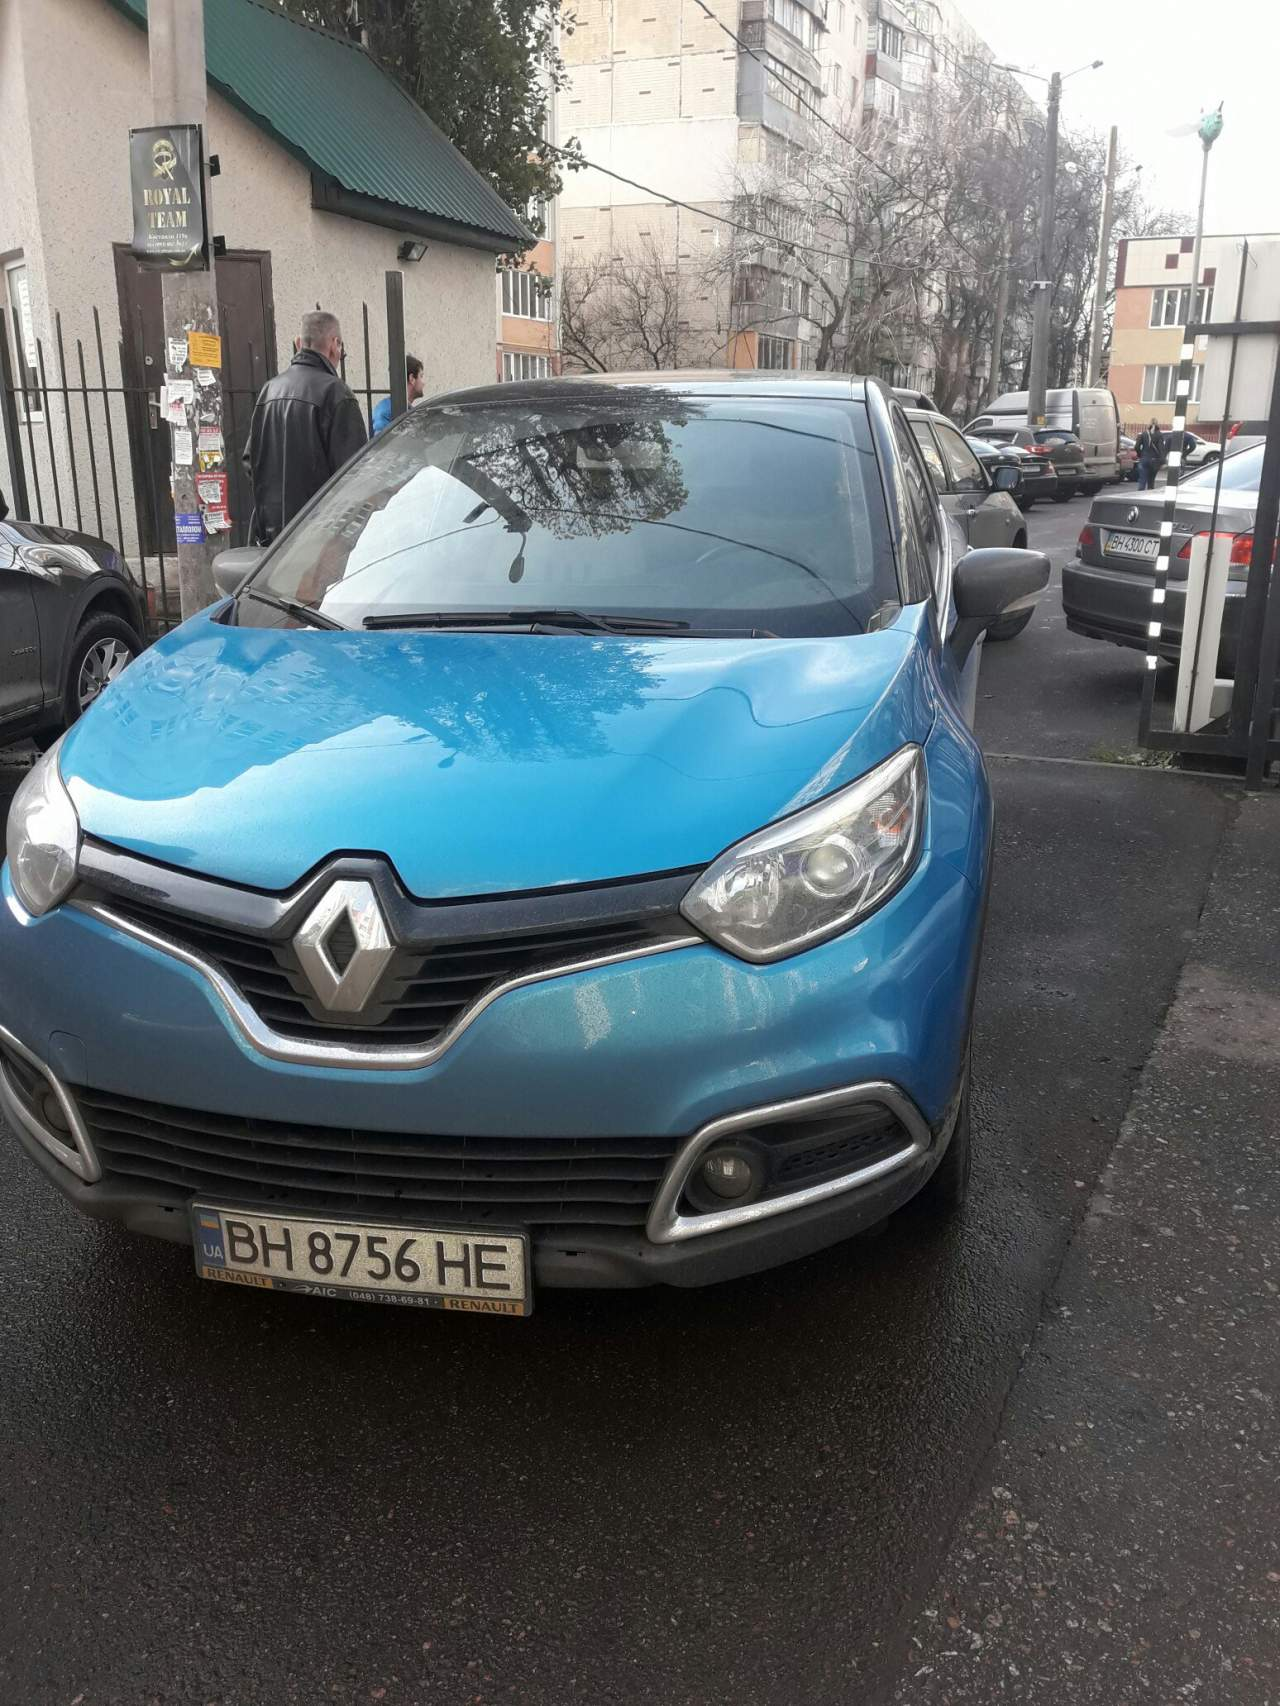 «Паркуюсь, где хочу»: В Одессе женщина припарковала автомобиль прямо на выезде из парковки (фото)